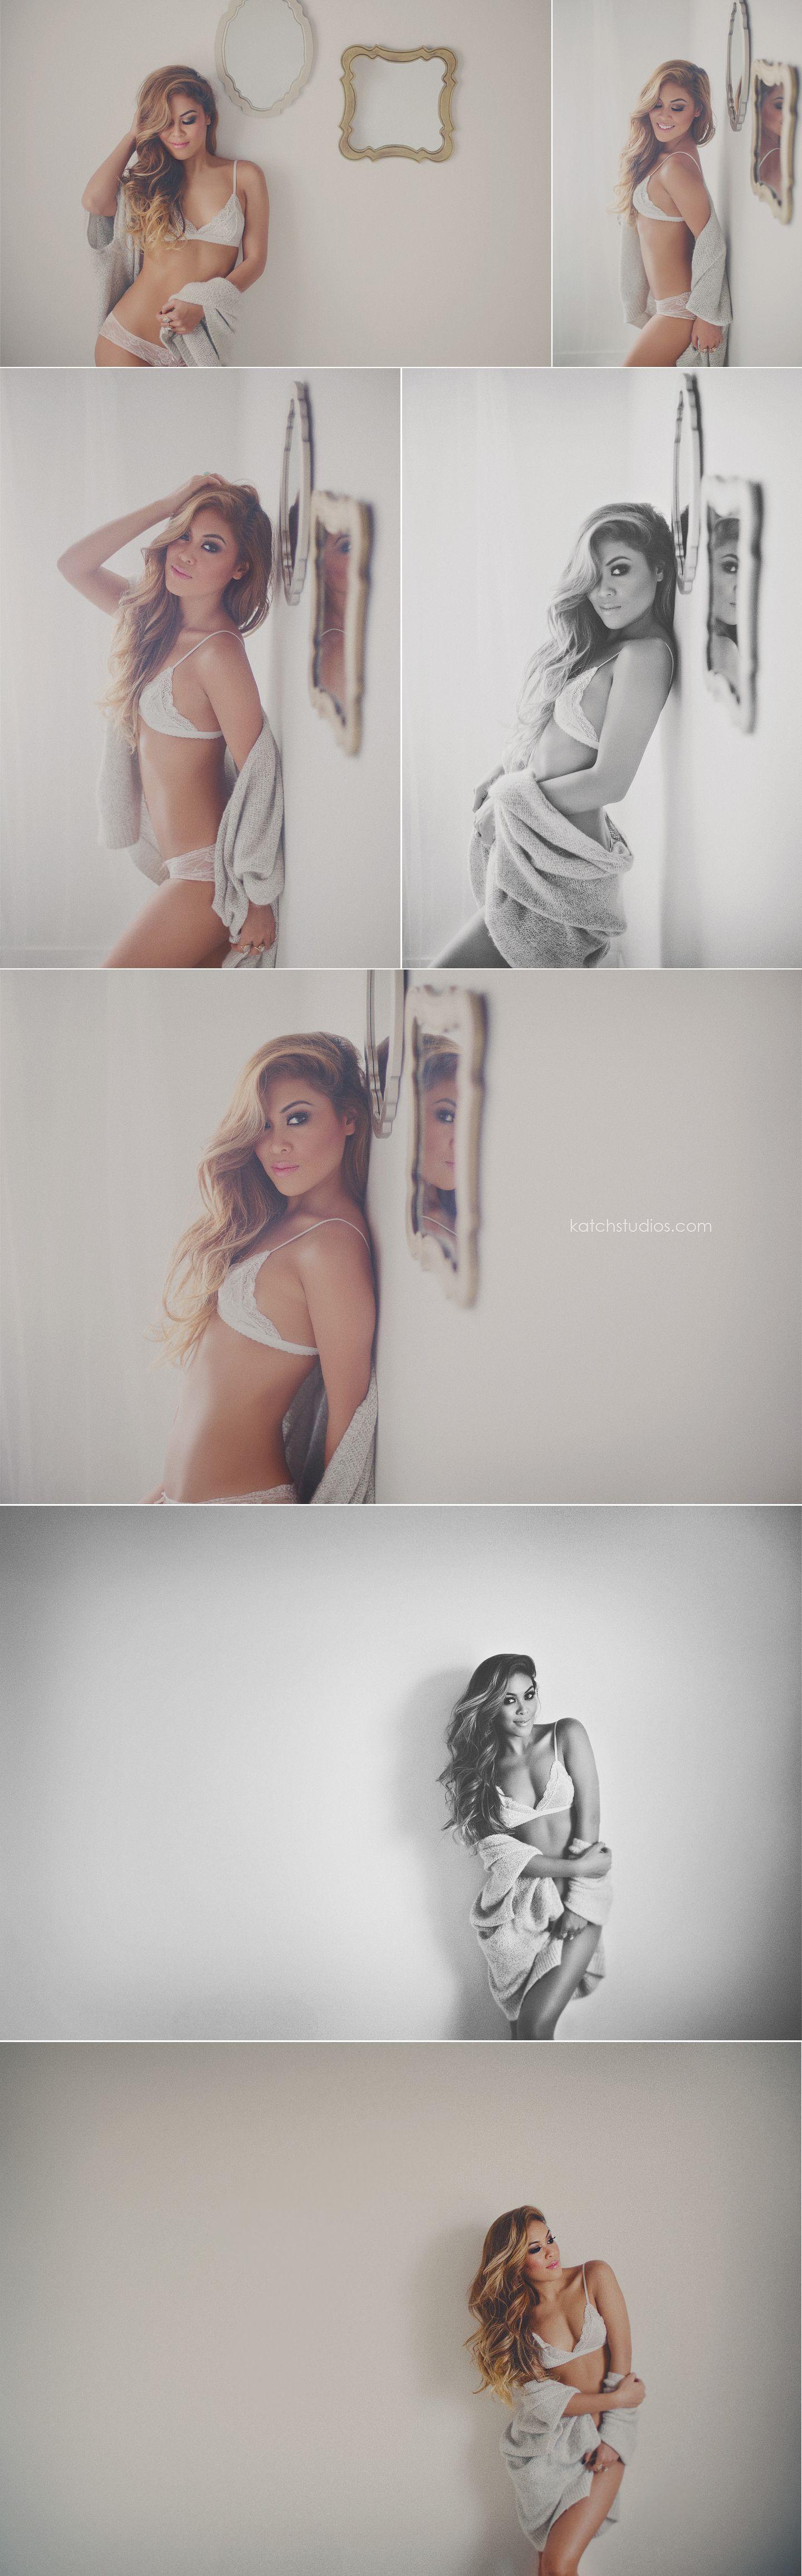 boudoir marathon » KATCH STUDIOS ~Boudoir Photography | Edmonton ...